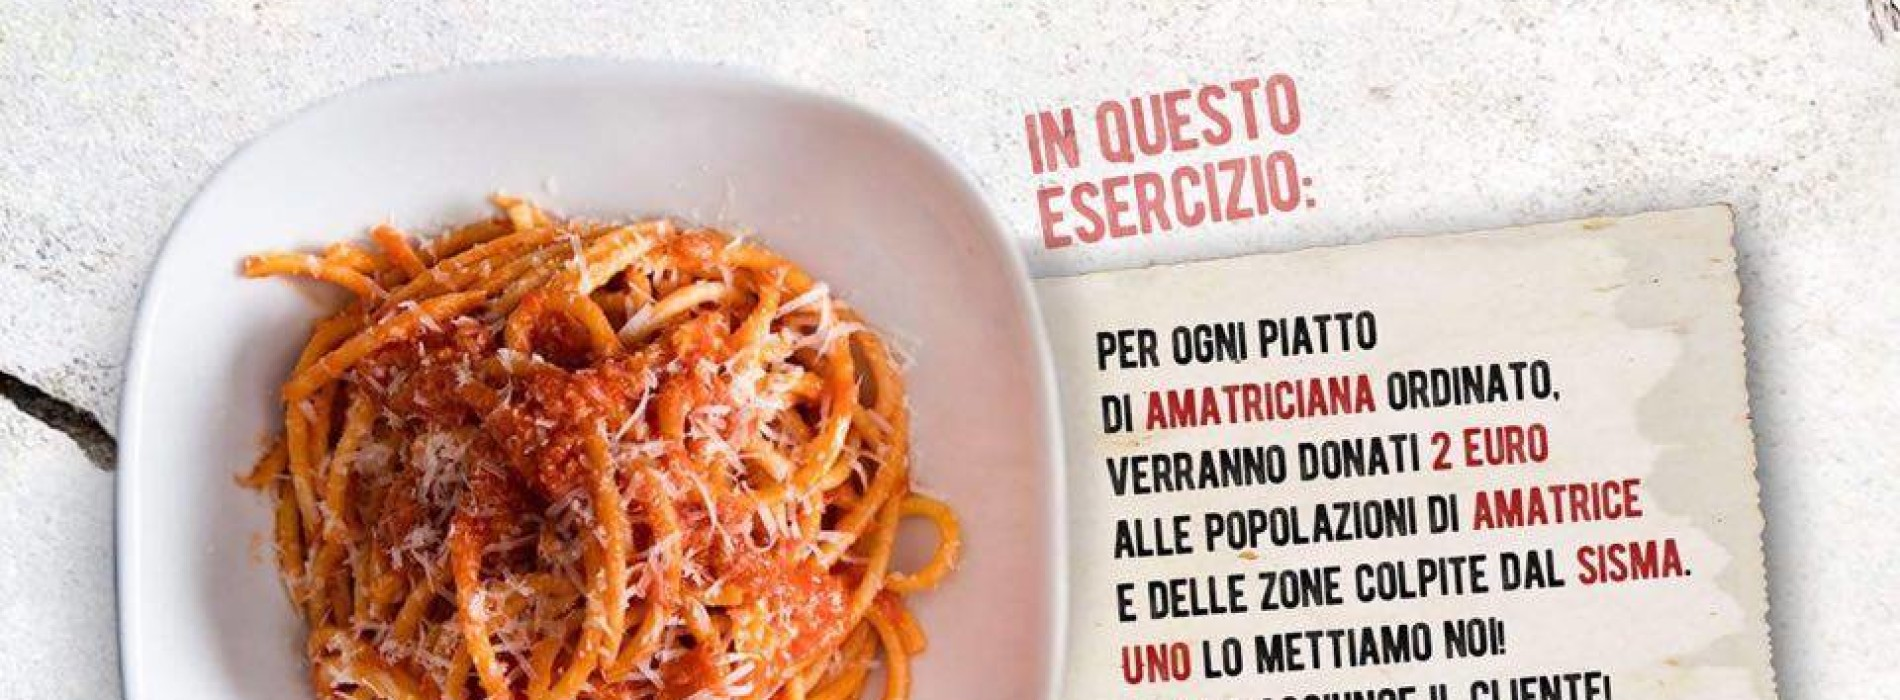 Terremoto Amatrice, la solidarietà di chef e ristoranti: due euro donati per ogni piatto di Amatriciana